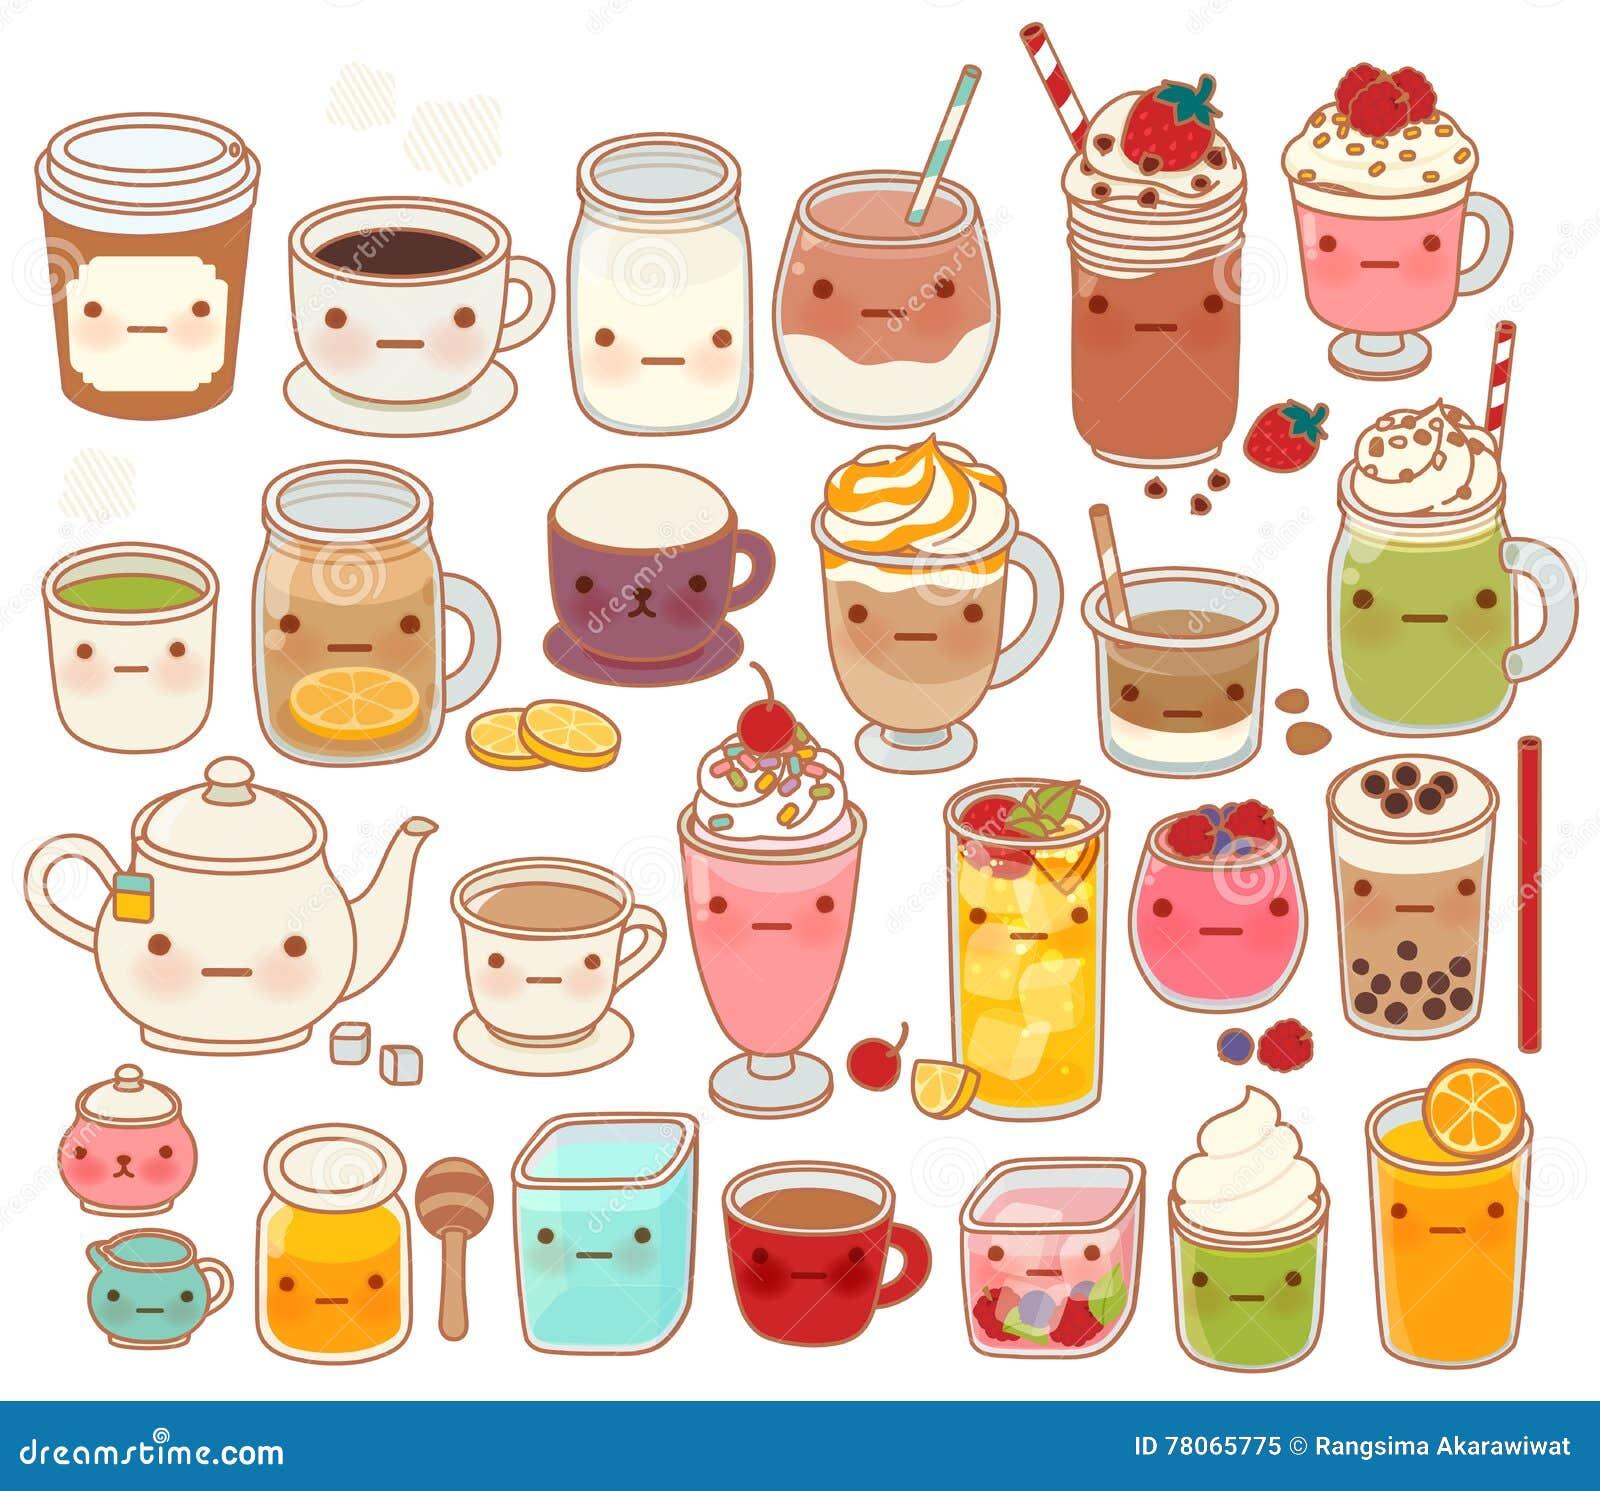 Kawaii Teapot Beverage Kitchen Ceramic Royalty Free